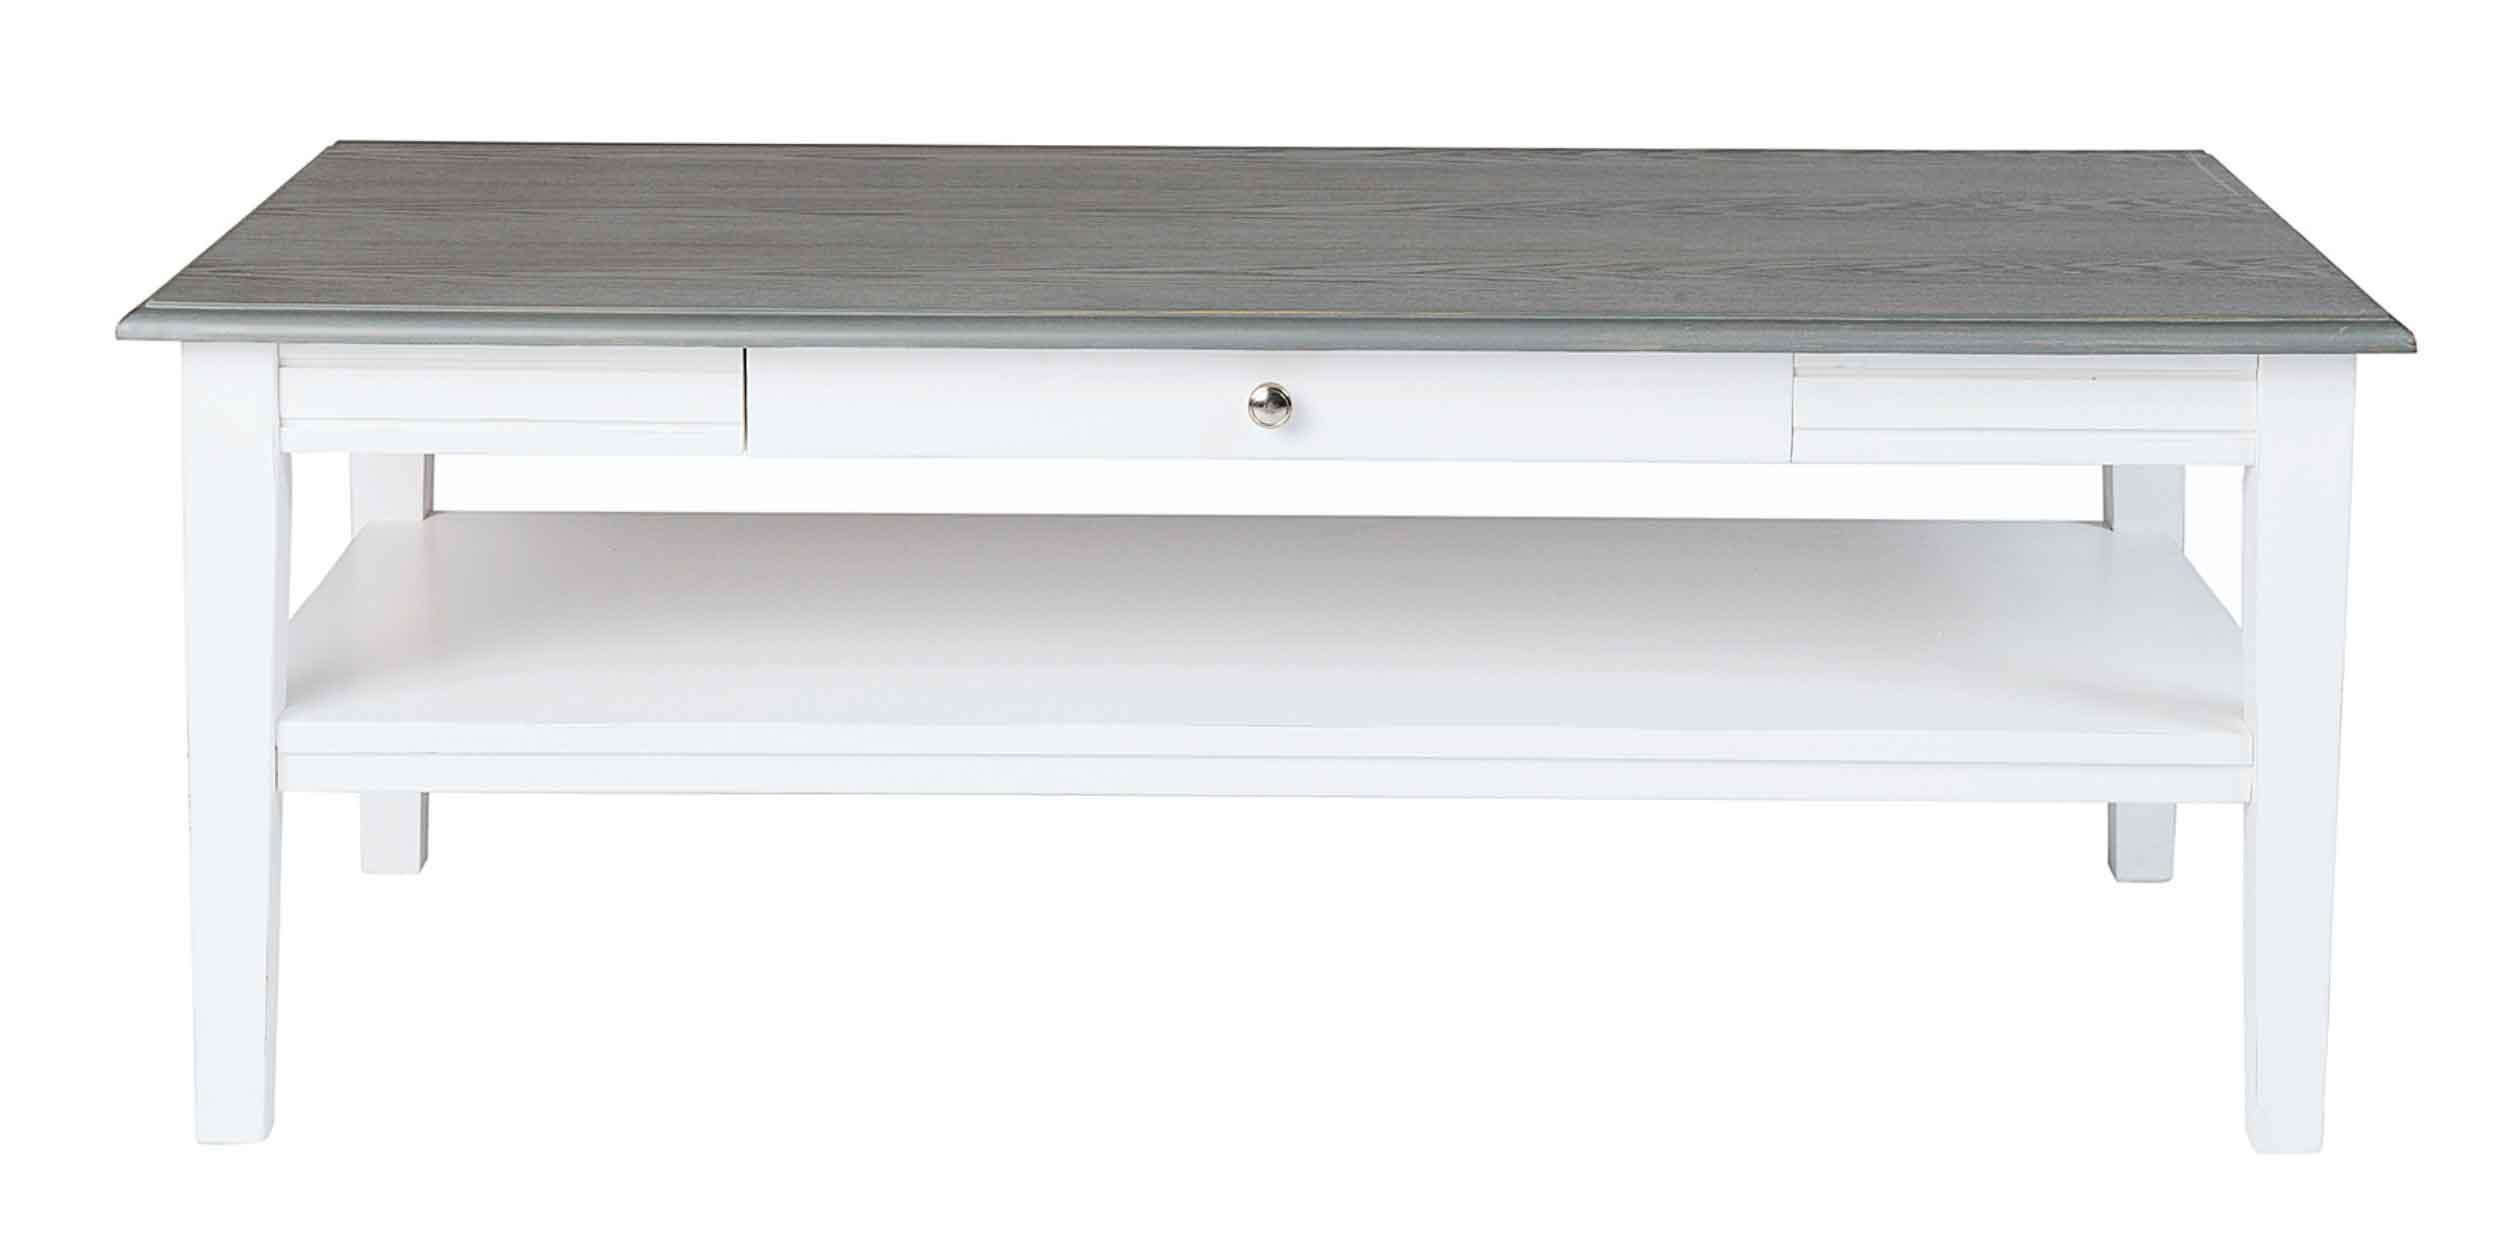 Viktoria sofabord - Hvidt og gråt træ, m. skuffe, 130x70